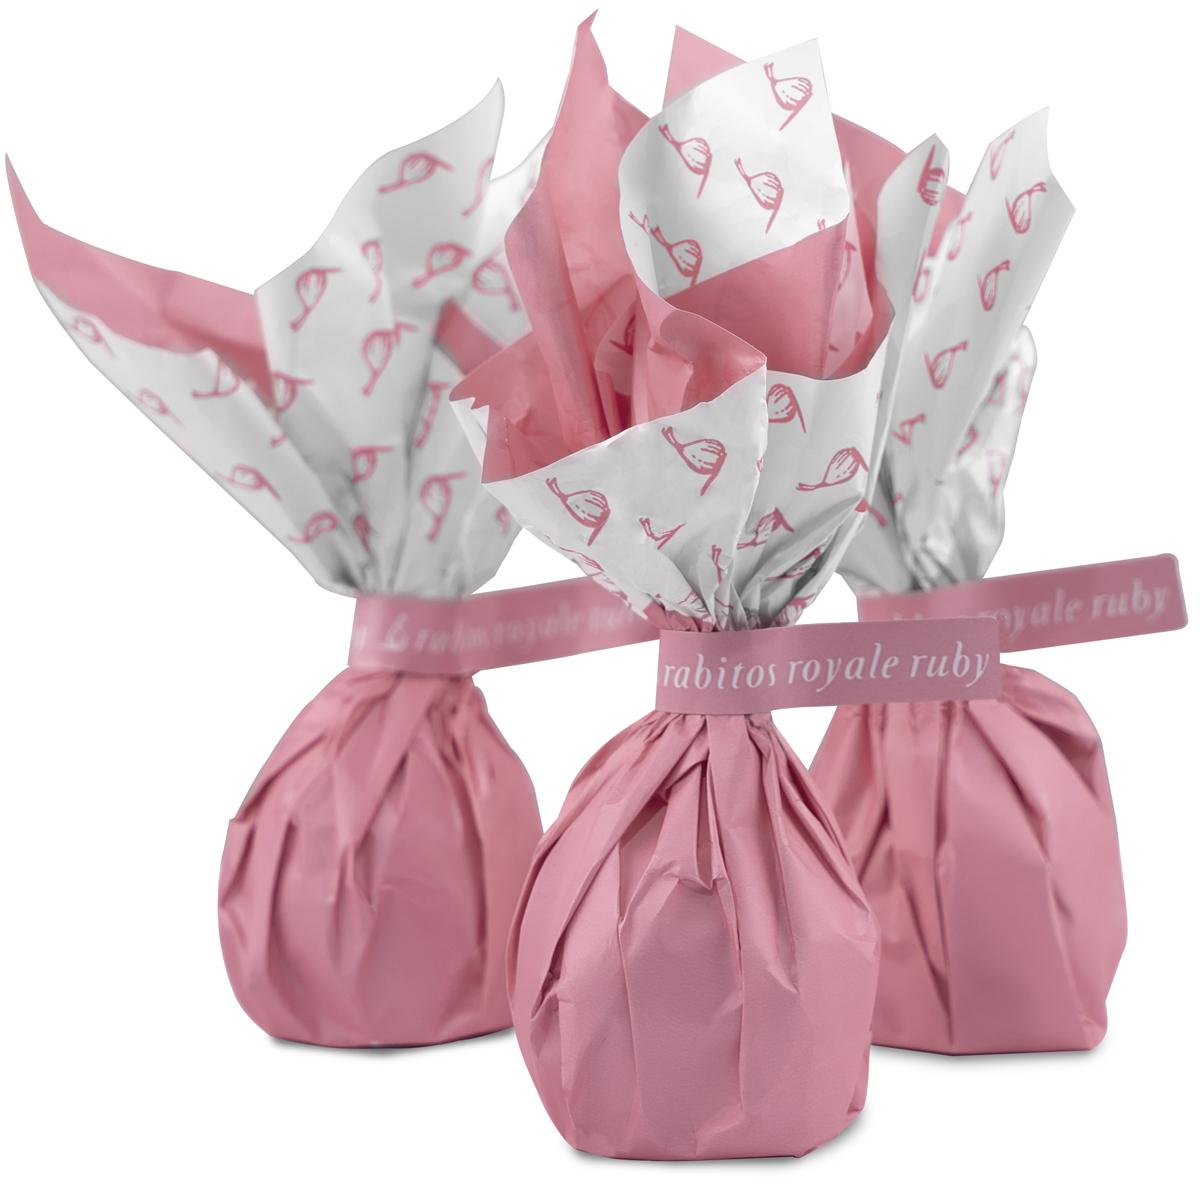 Конфеты Инжир в рубиновом шоколаде с трюфельной начинкой и ликером Marc de Cava Rabitos 47 г 3 конфеты